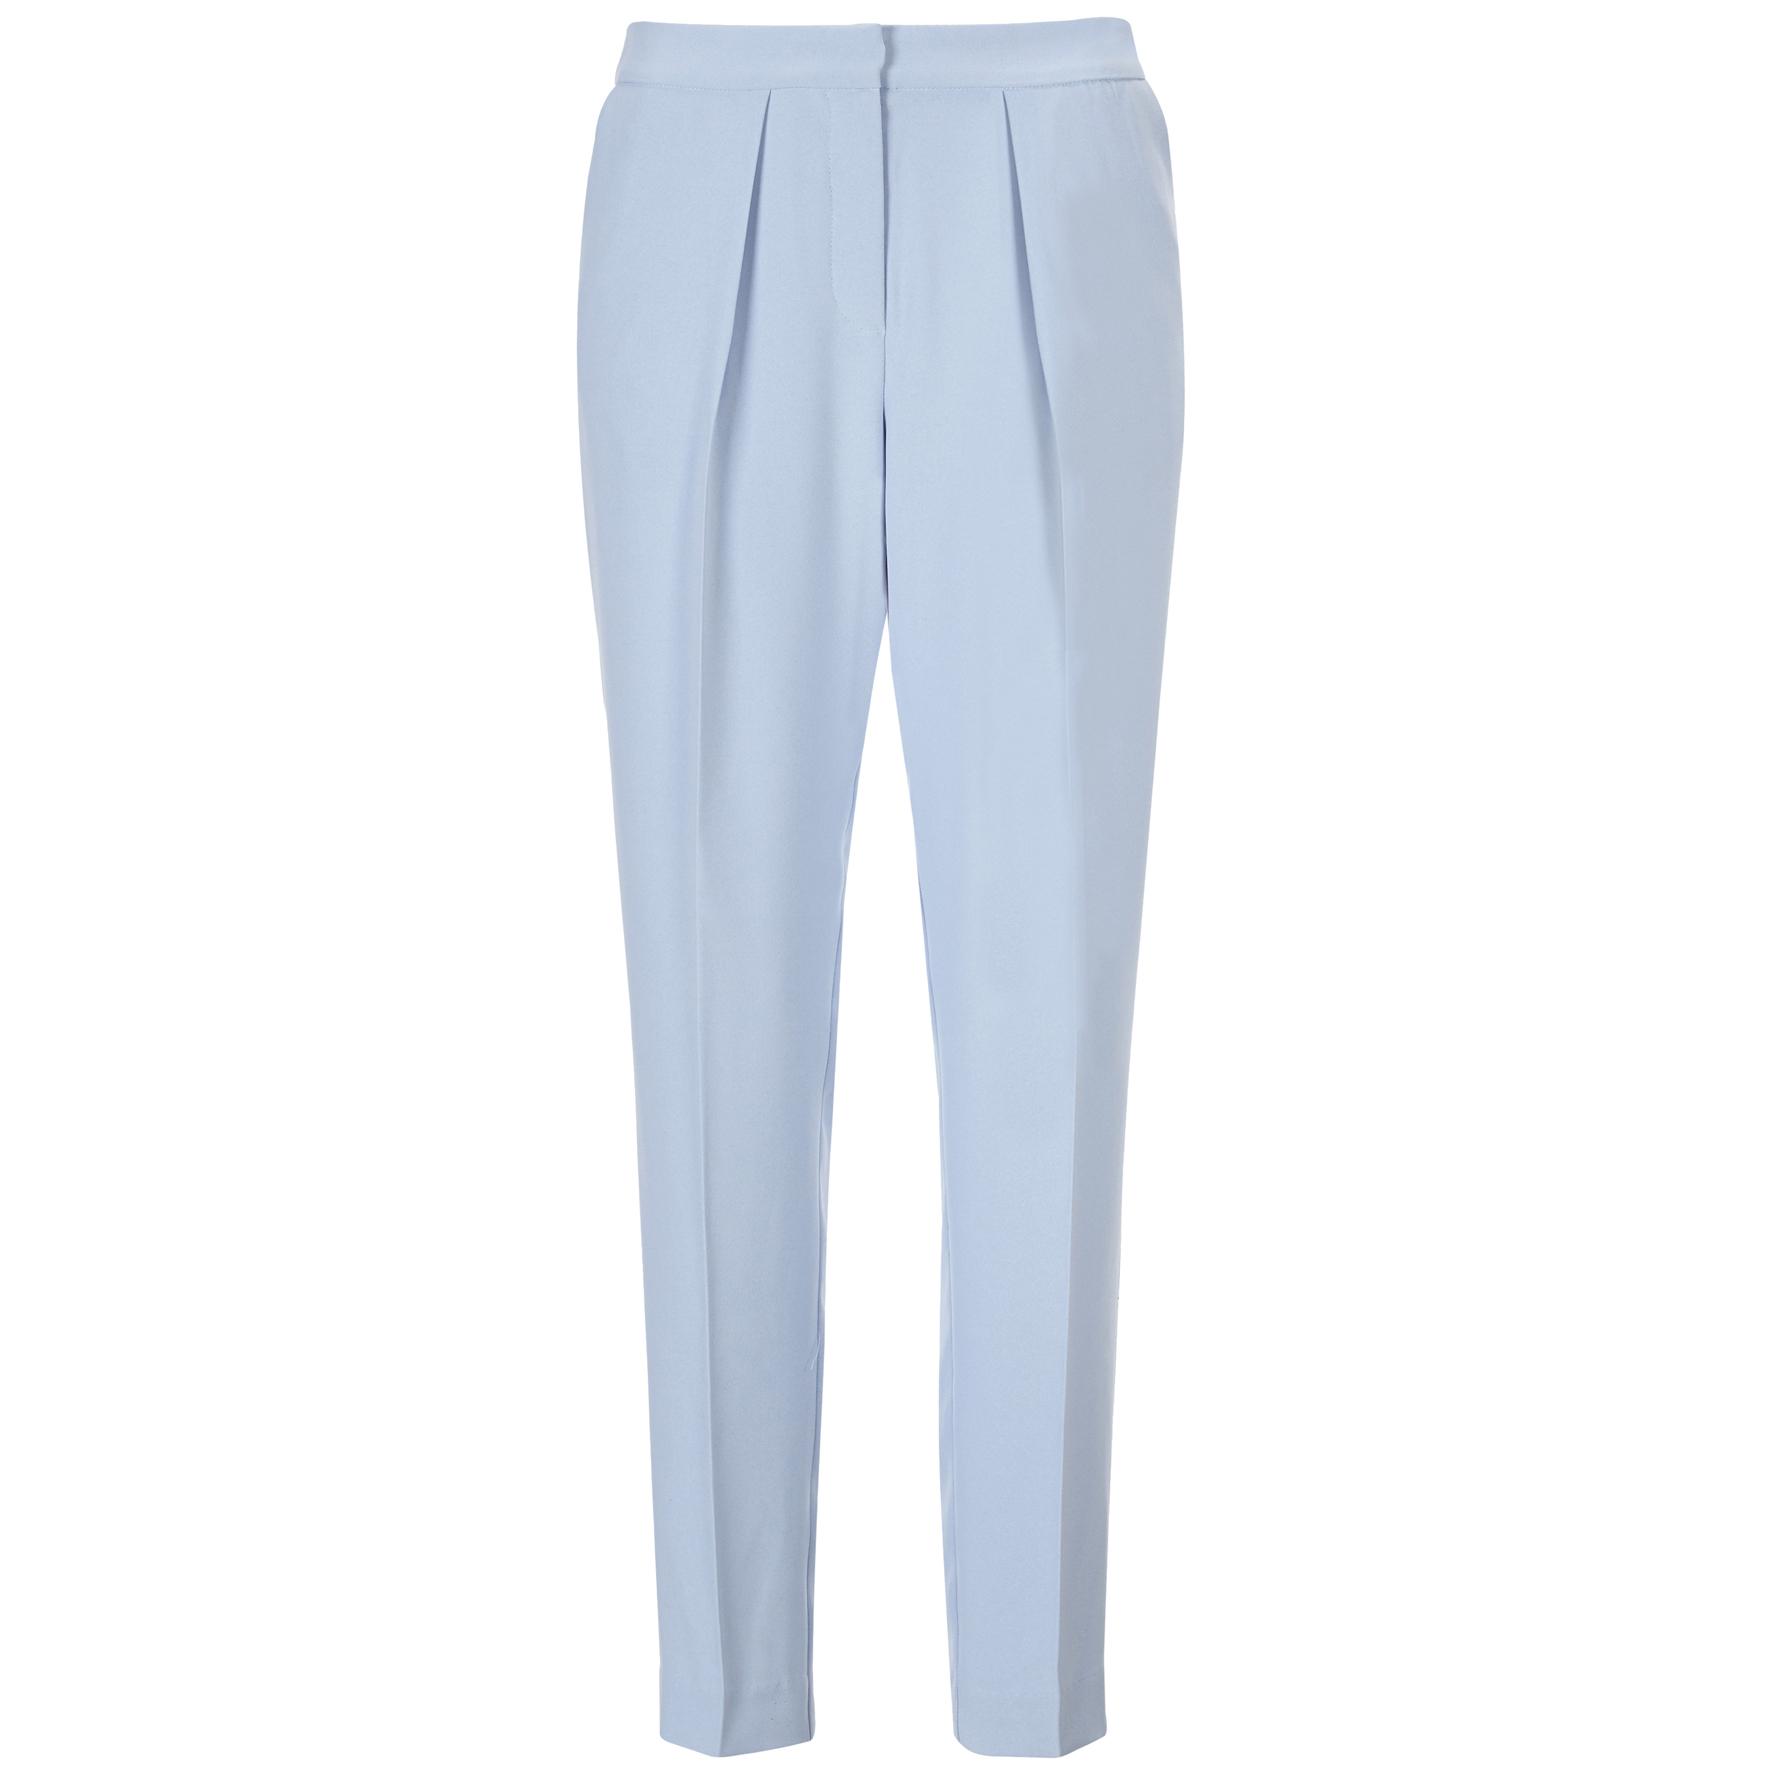 349_kr_Laura_trousers_w.14